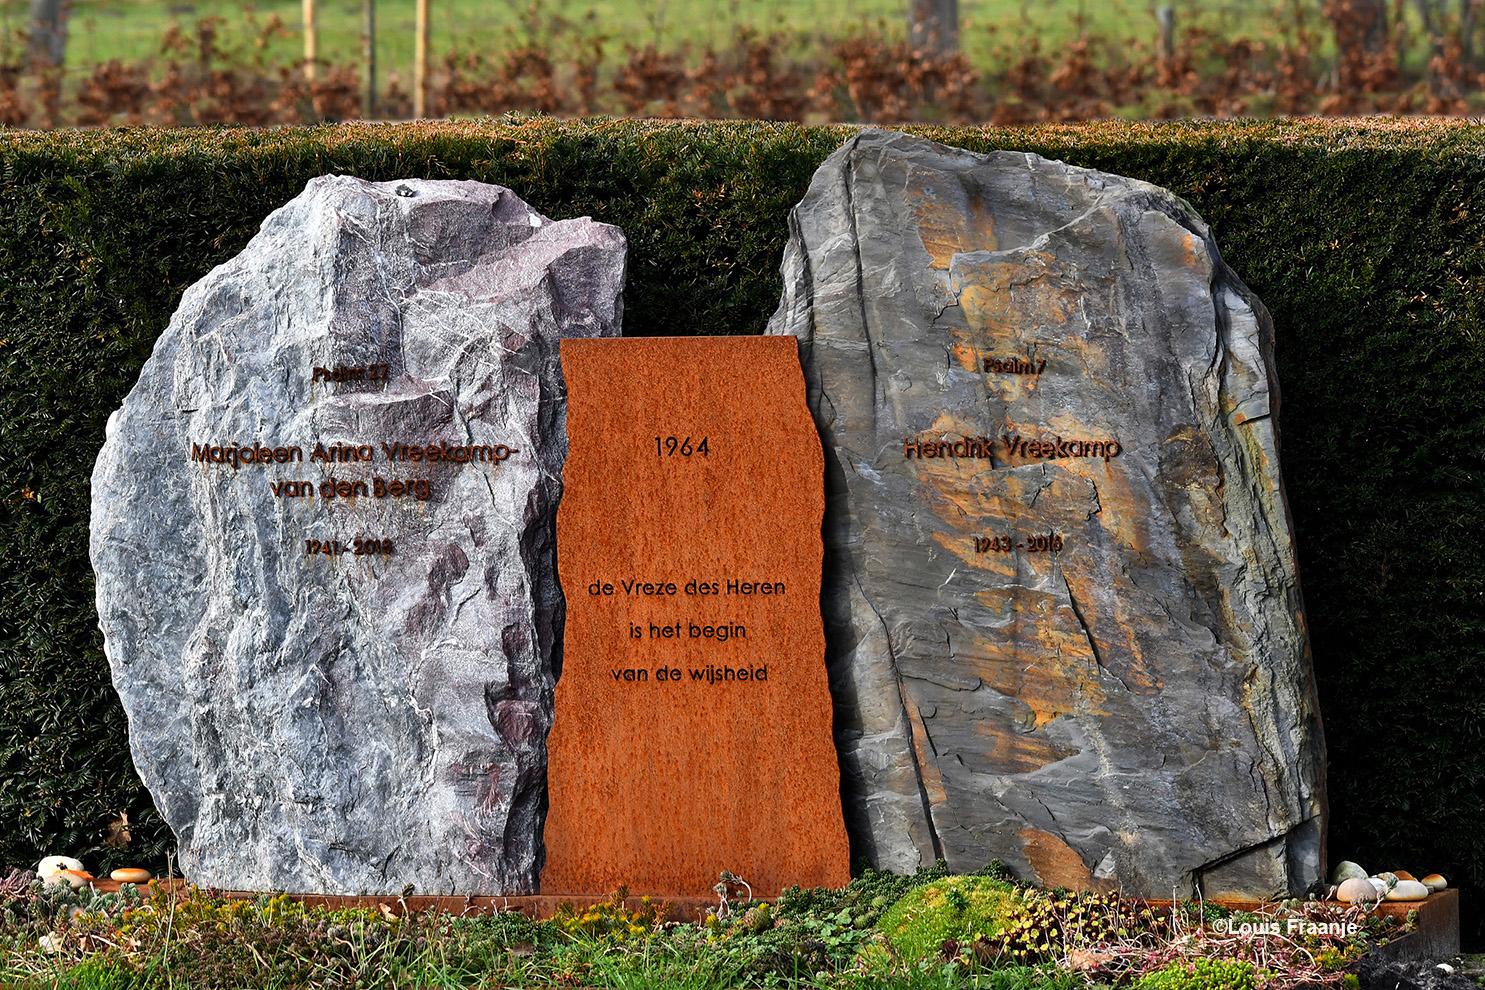 Dan staan we samen in de 'stilte' van de begraafplaats bij het graf van onze inmiddels overleden 'hechte' vrienden Henk en Marjo Vreekamp. Een moment van bezinning en overdenking, het doet ons terugdenken aan hoe het was. - Foto: ©Louis Fraanje -